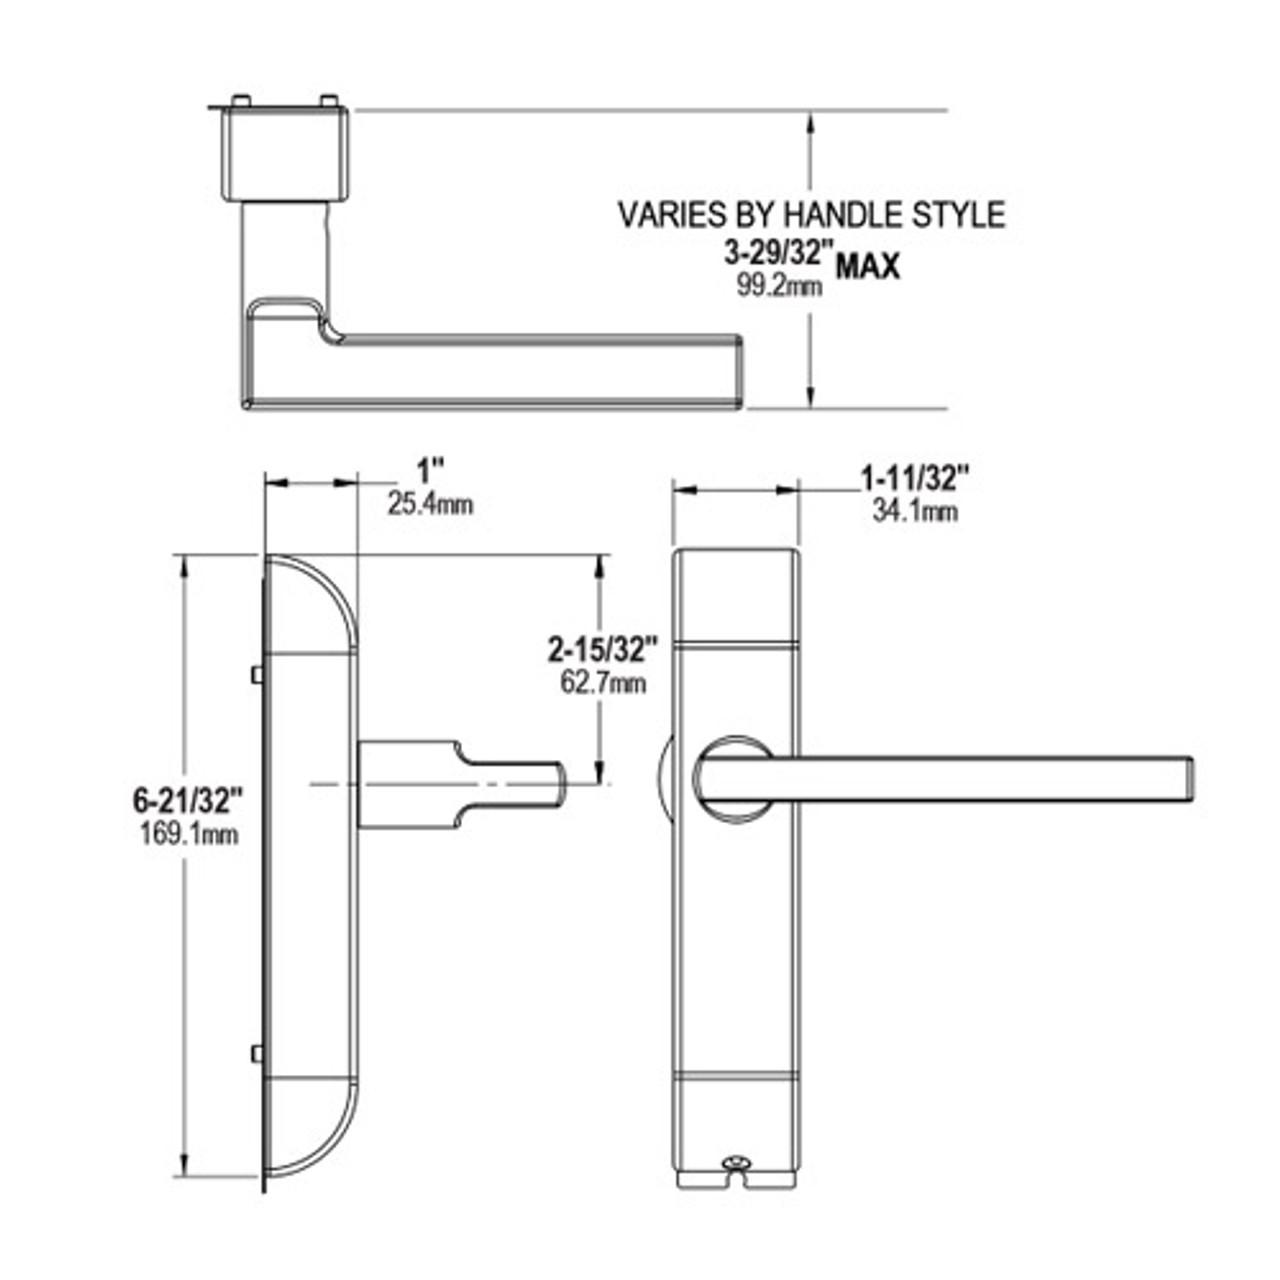 4600-MJ-612-US3 Adams Rite MJ Designer handle Dimensional View